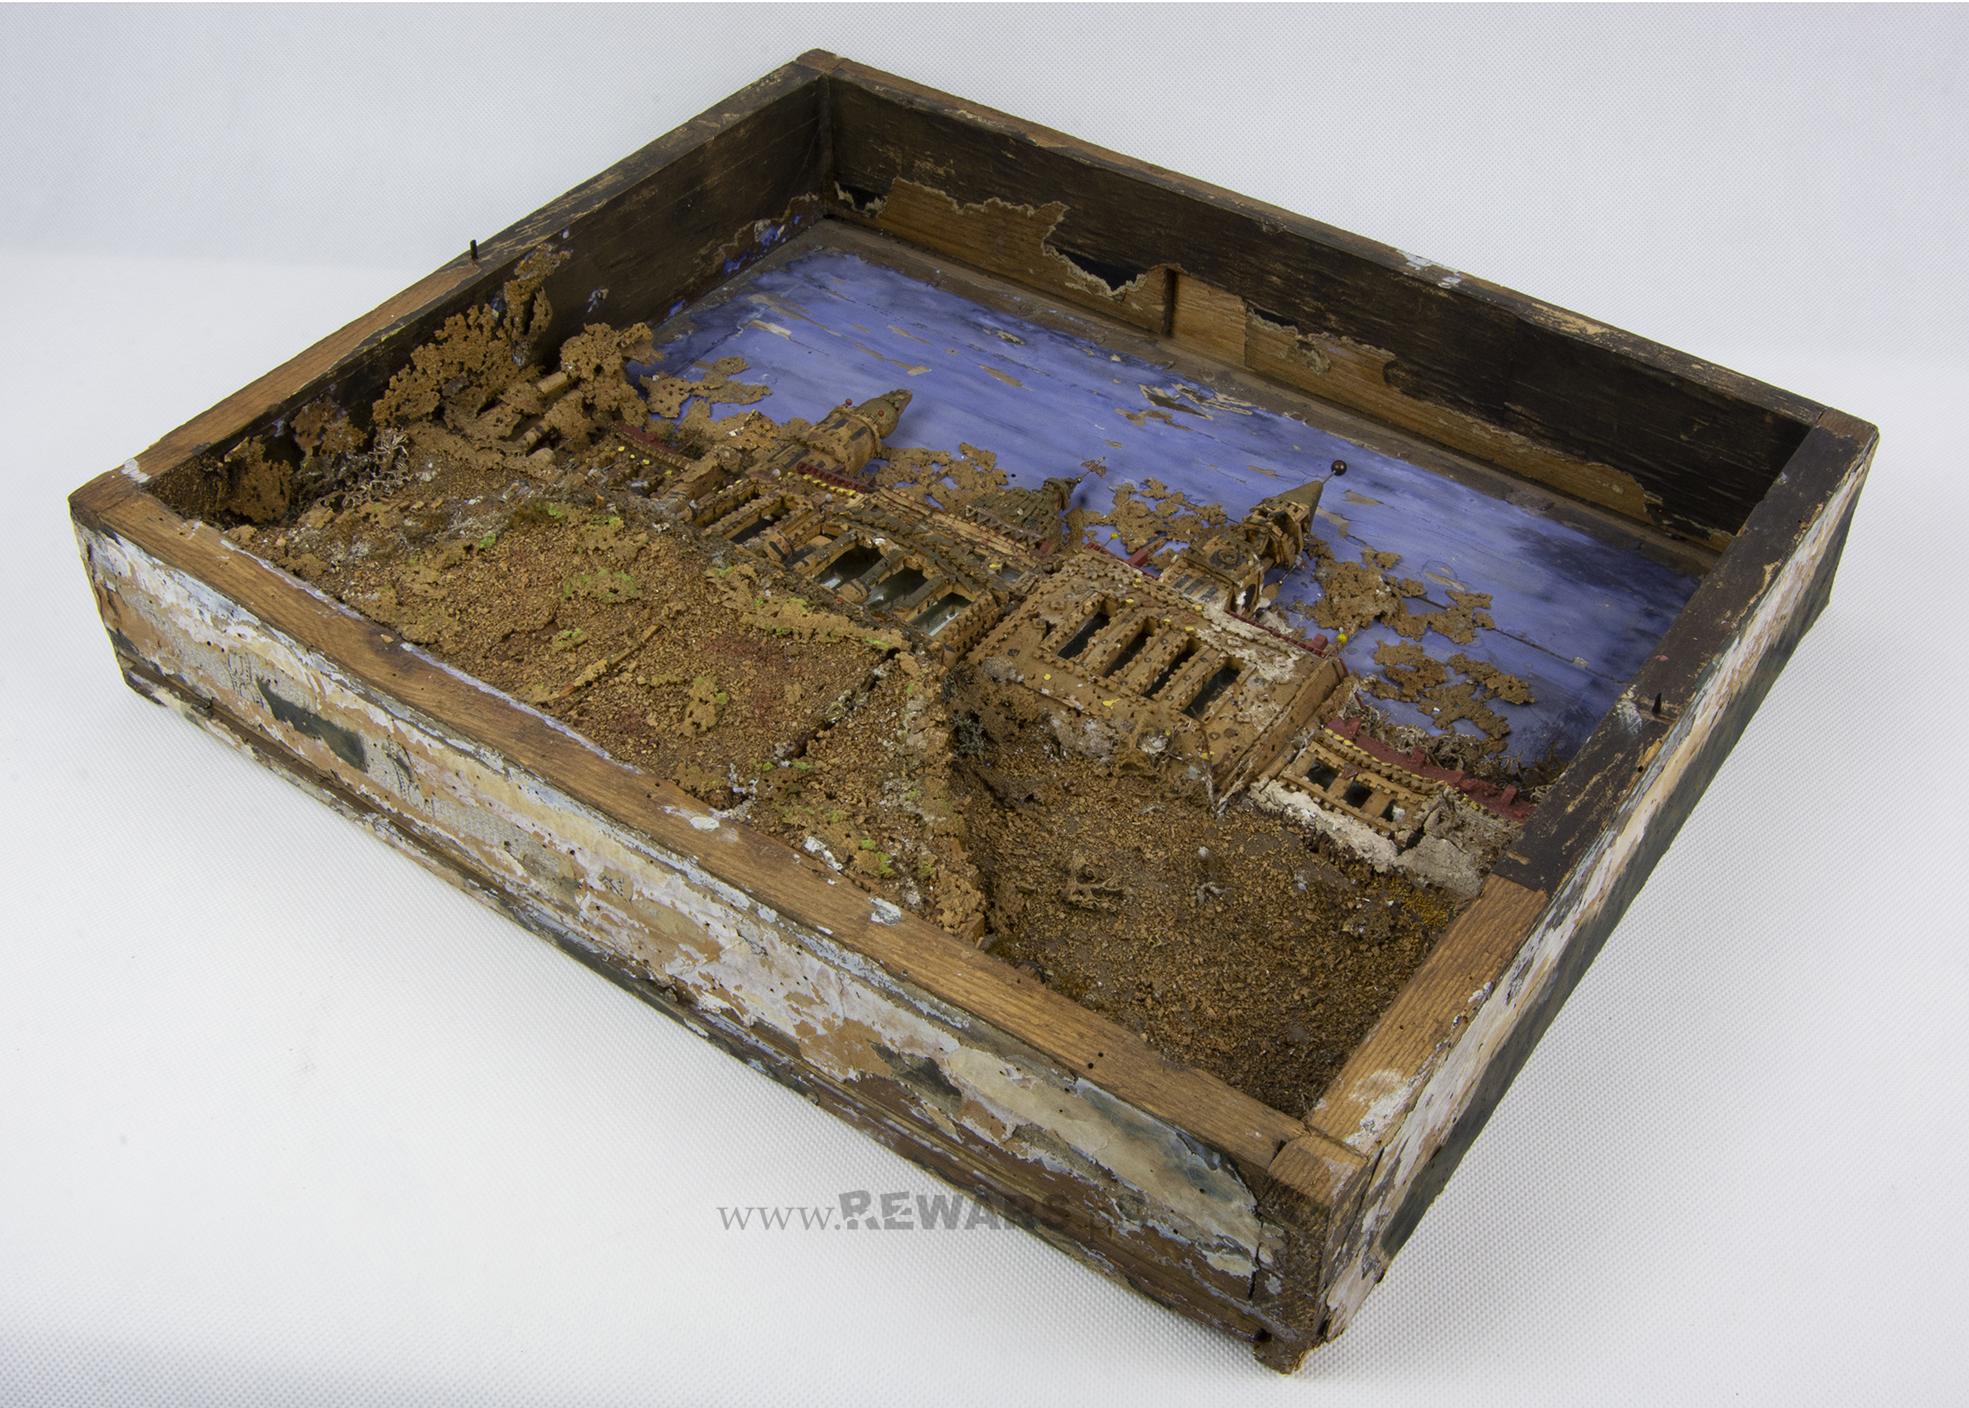 Rzut z ukosa na całą diorama, umieszczoną w szufladzie.